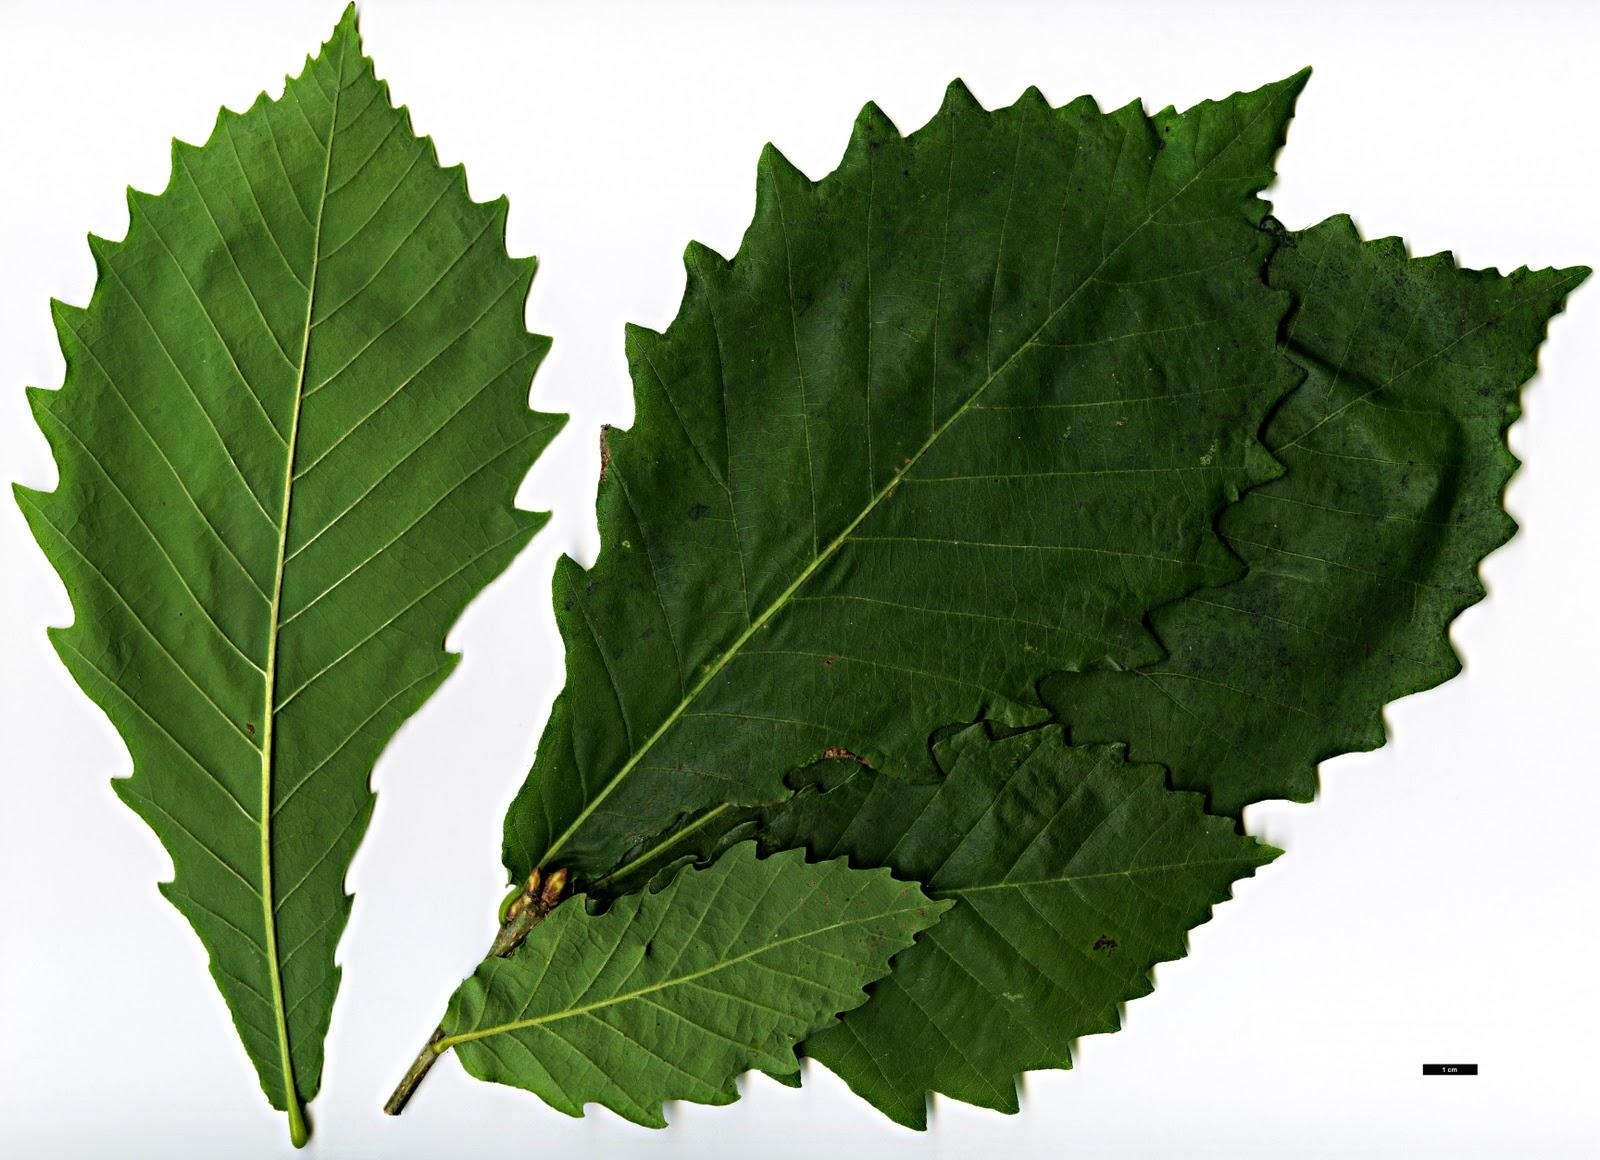 Whisky science: oak species